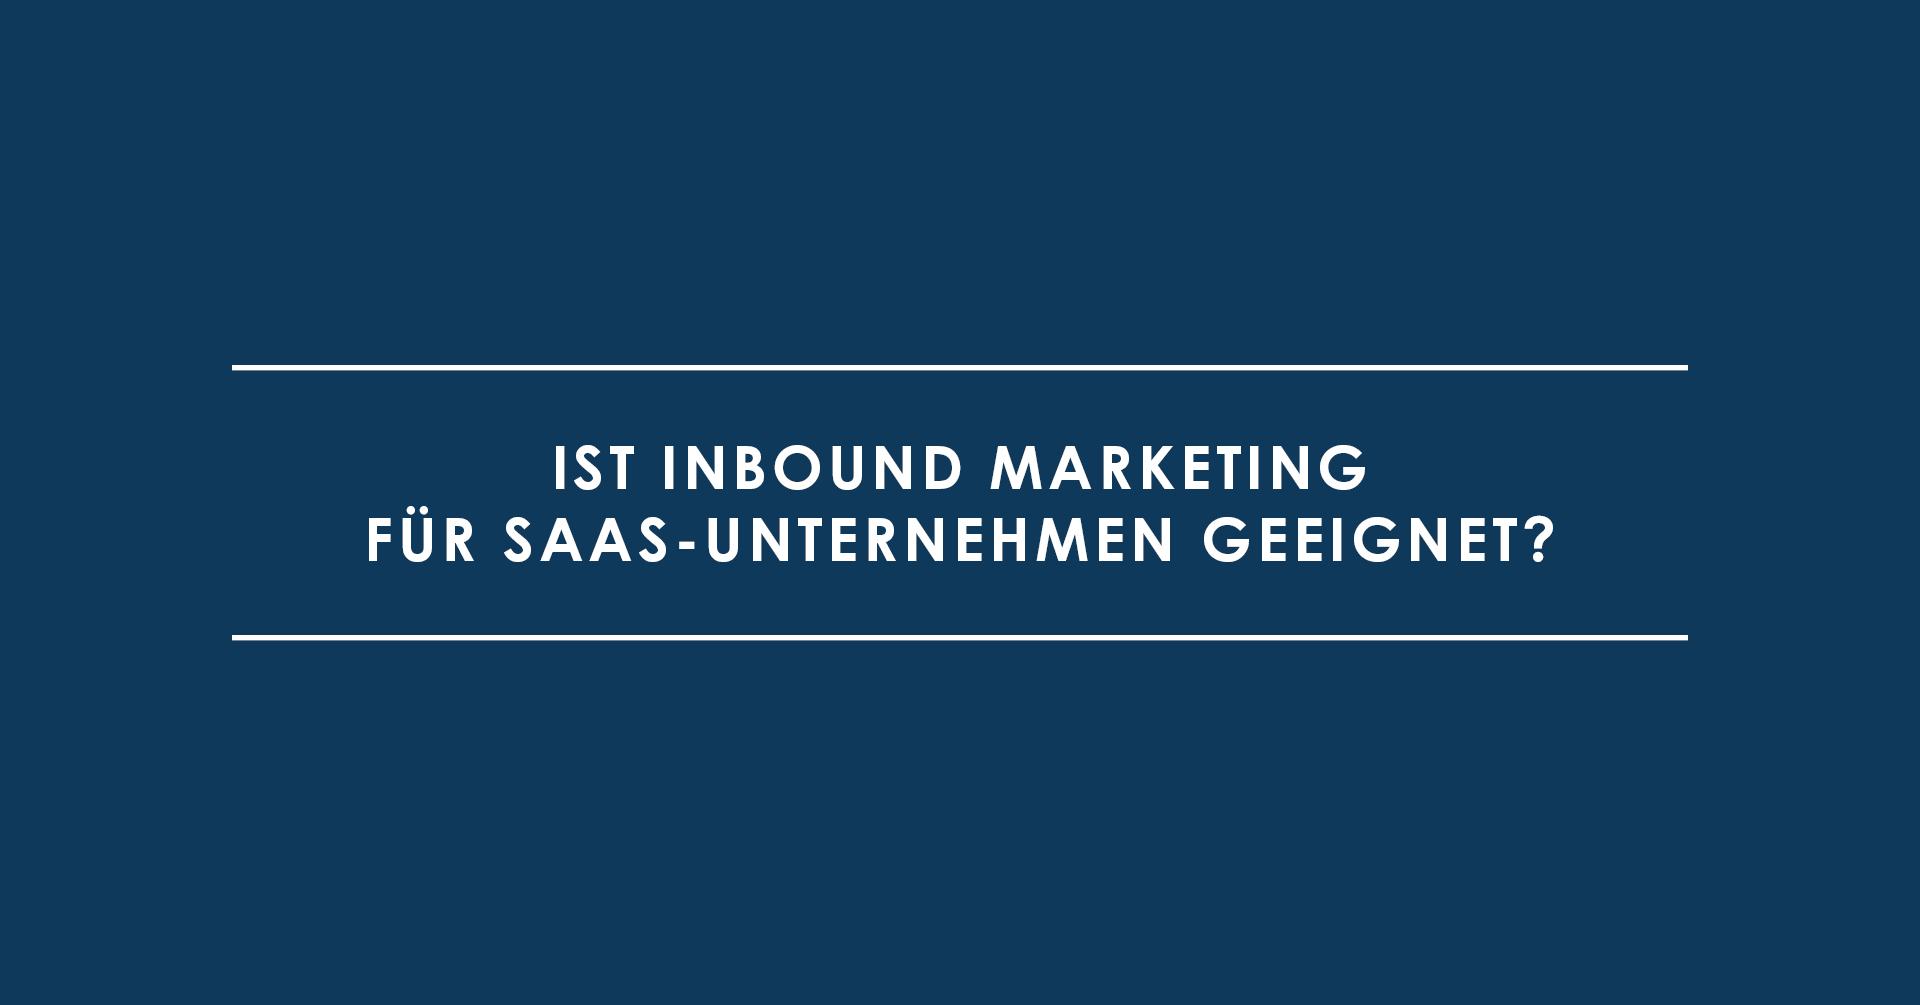 Ist Inbound Marketing für SaaS-Unternehmen geeignet?